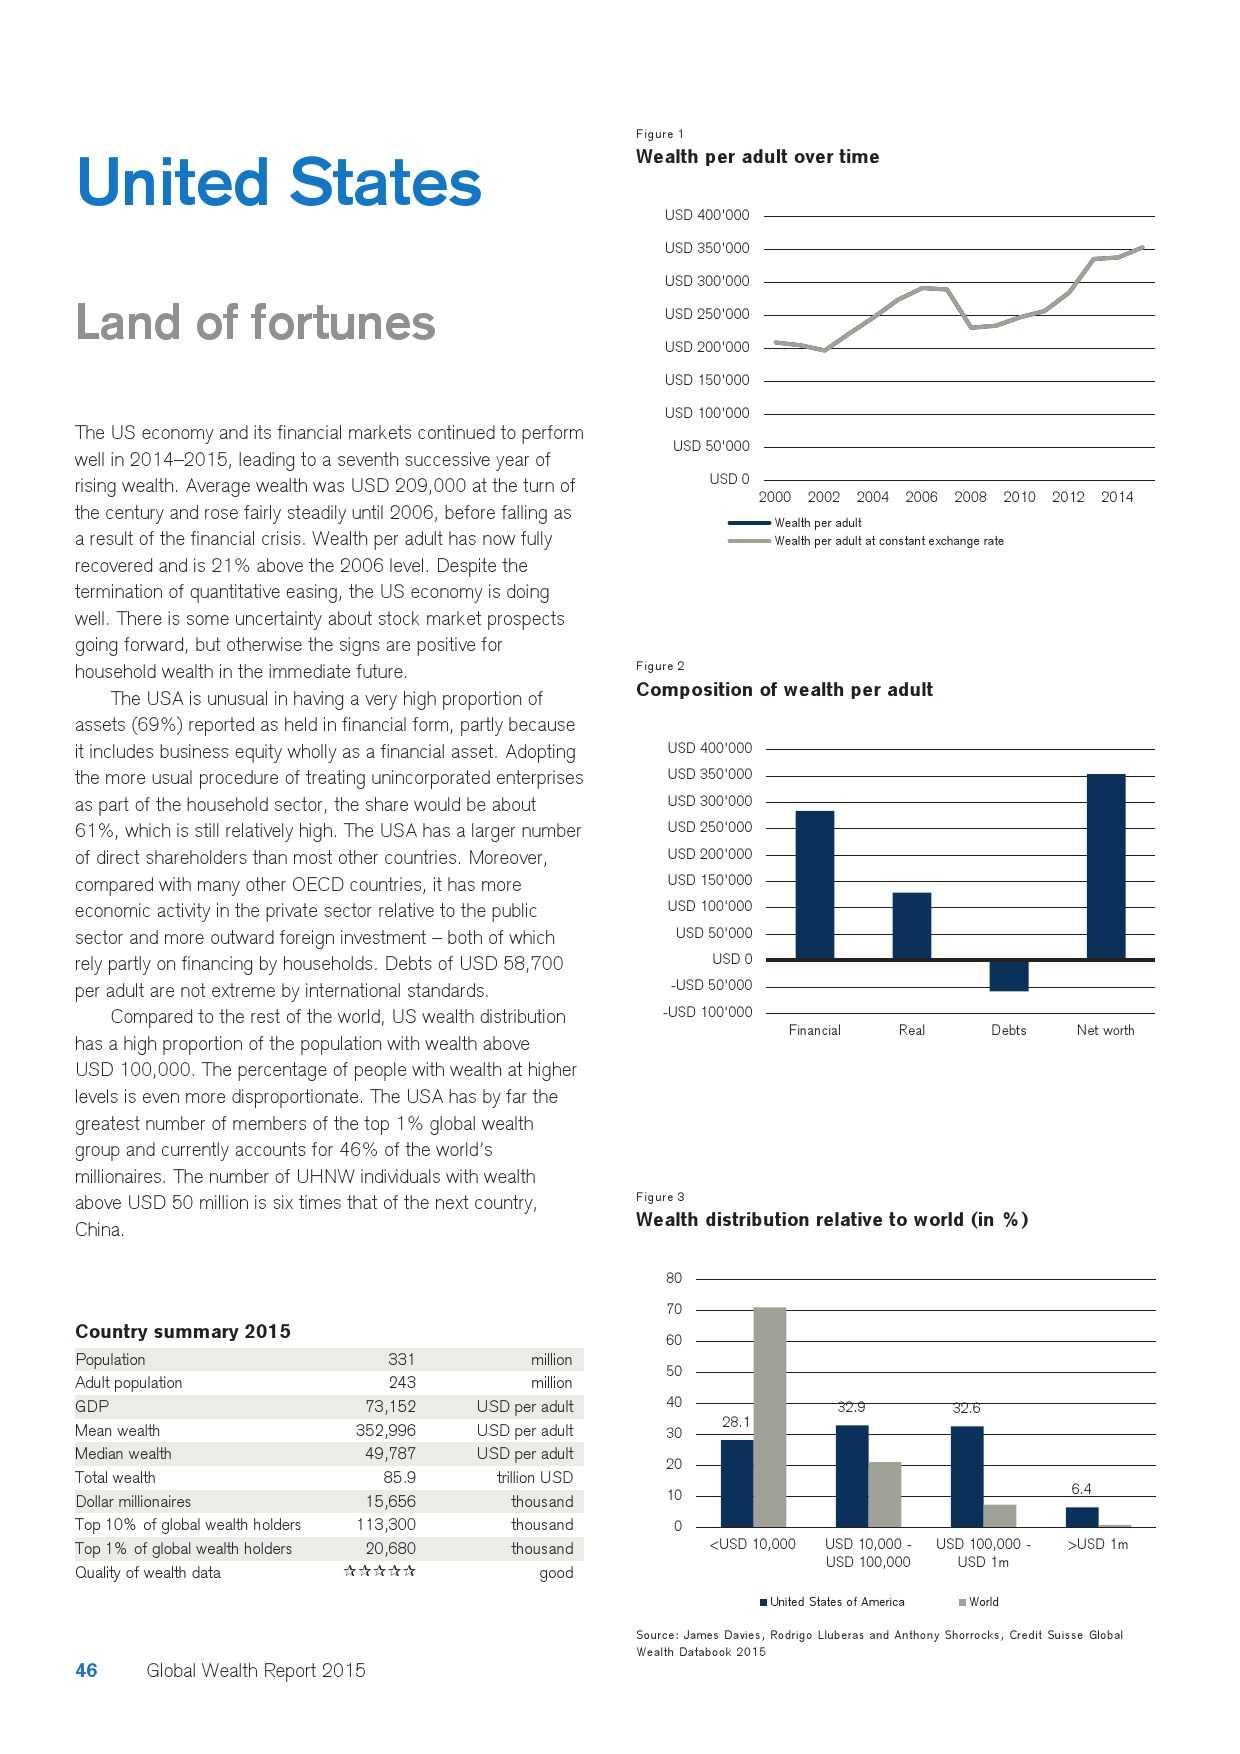 瑞士信贷:2015年全球财富报告_000046